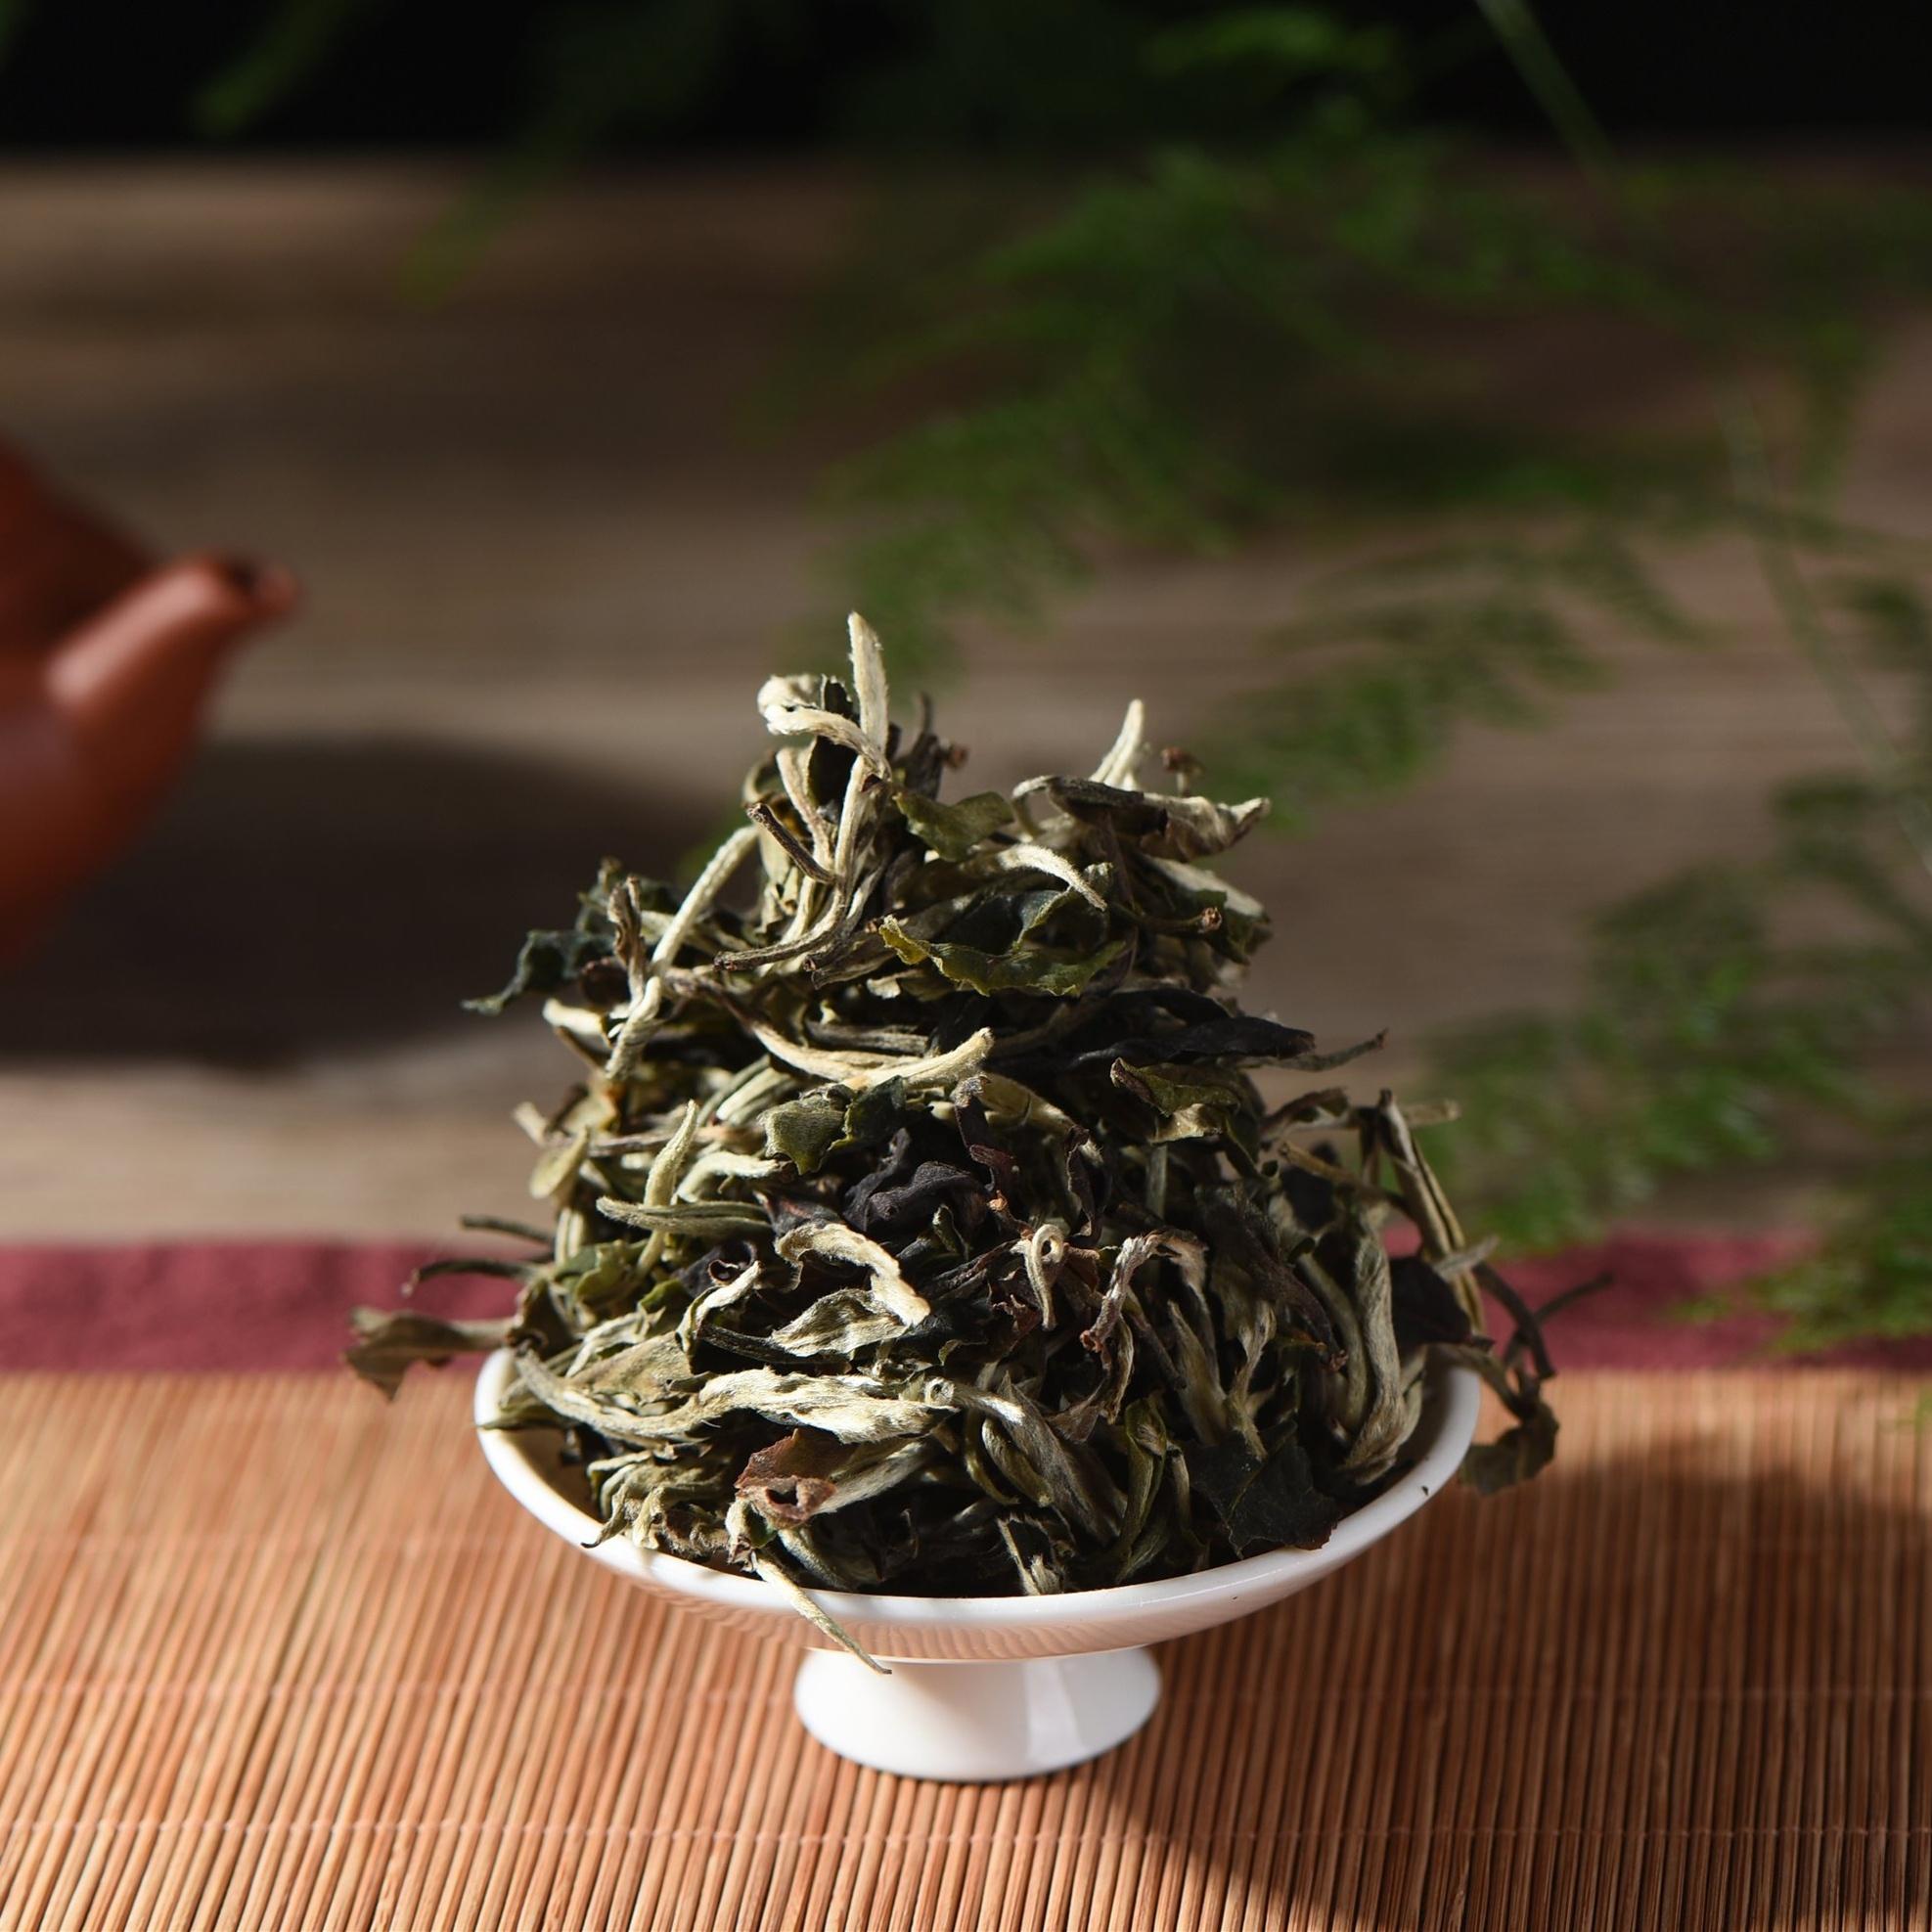 Organic moonlight white tea sliming for women - 4uTea | 4uTea.com